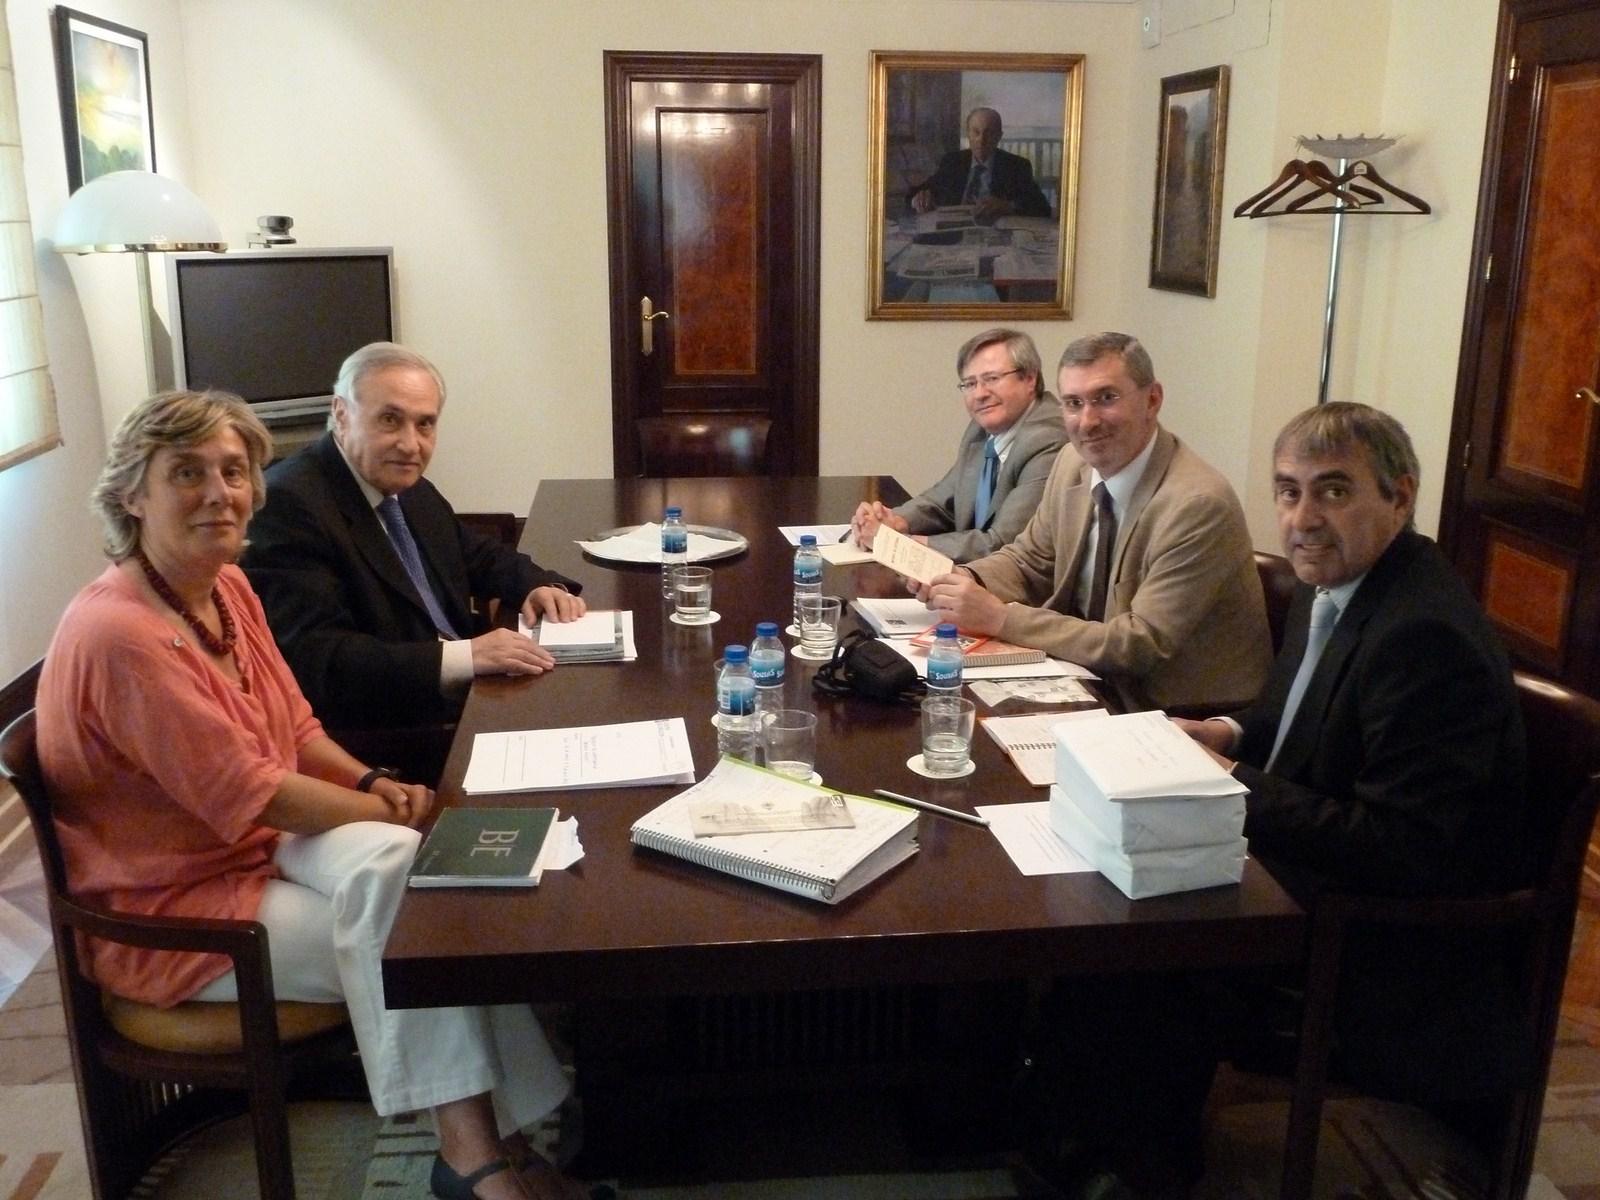 La casa de galicia en madrid colabora con la universidad for Profesores exterior